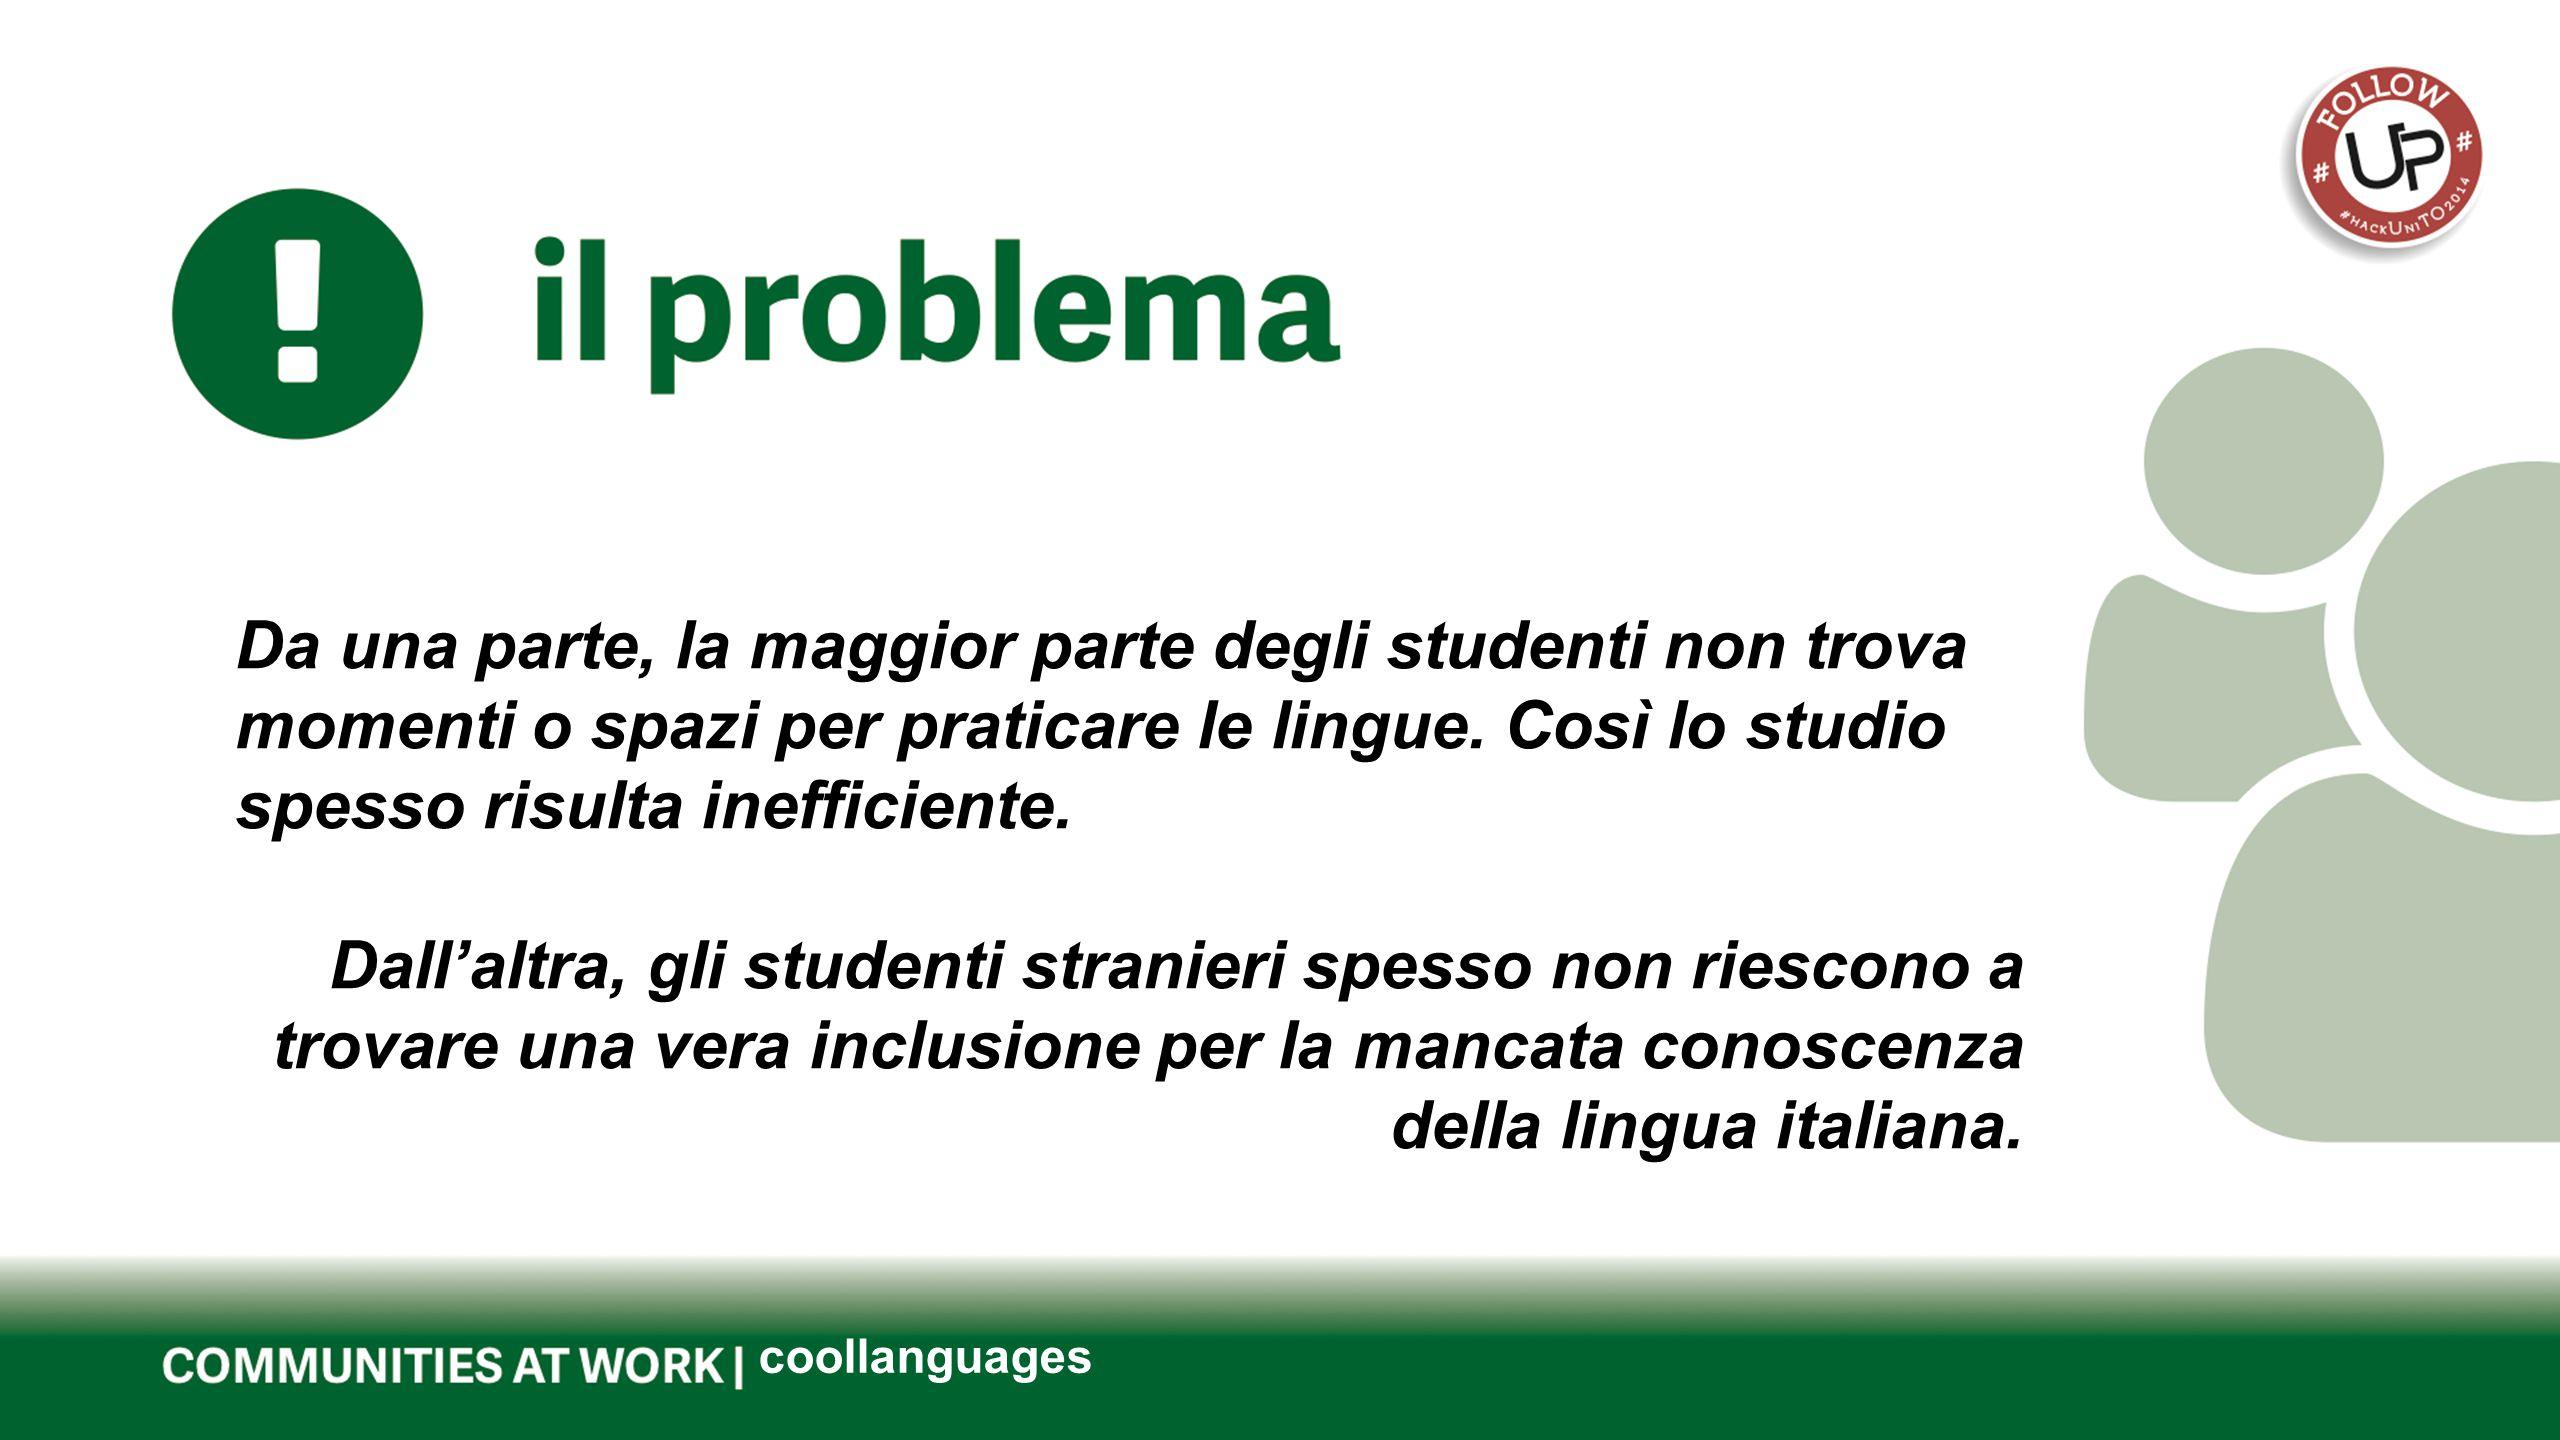 coollanguages Da una parte, la maggior parte degli studenti non trova momenti o spazi per praticare le lingue.